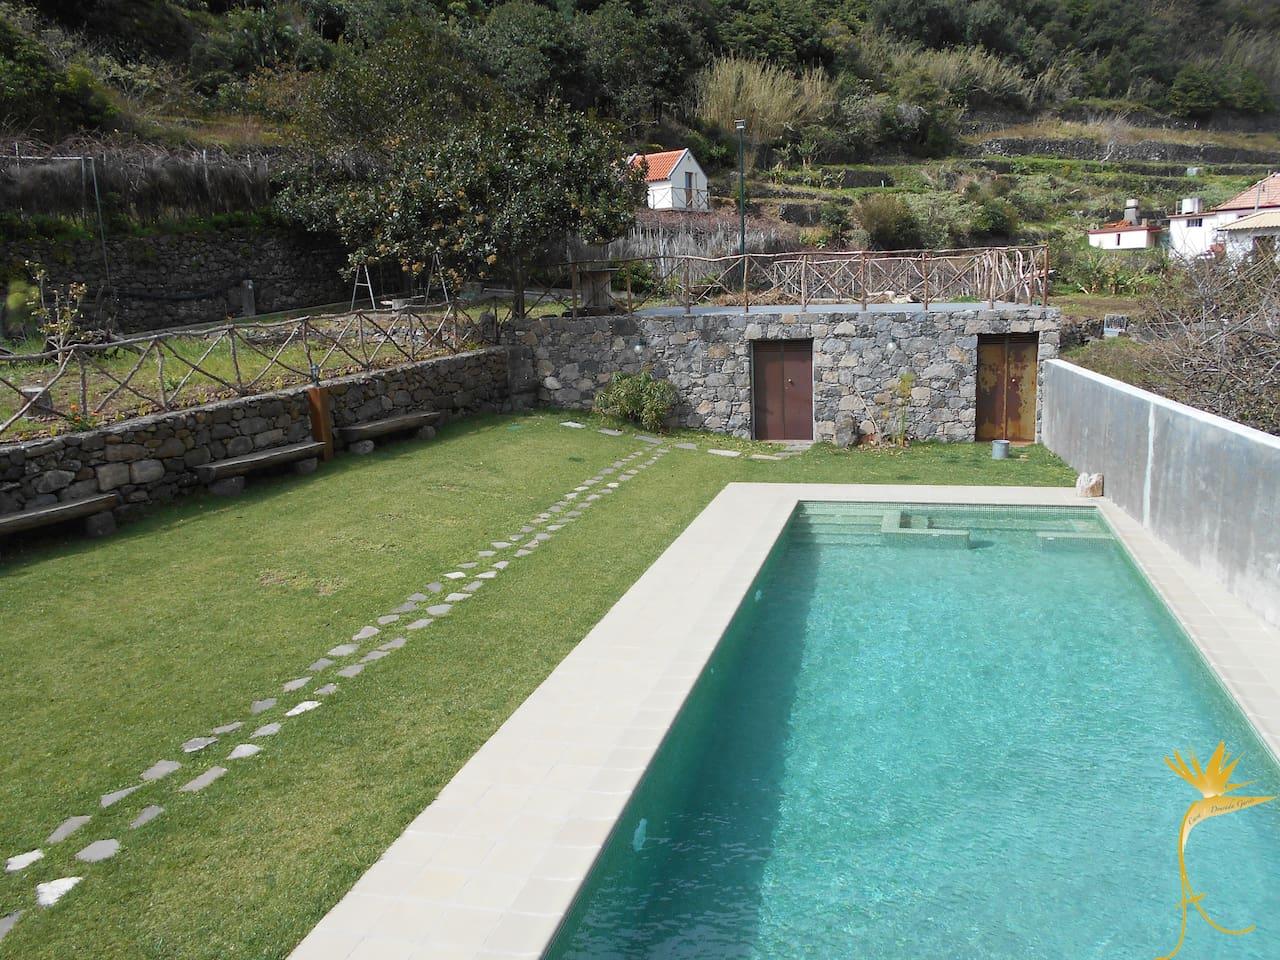 Vistas do Palheiro e piscina da propriedade